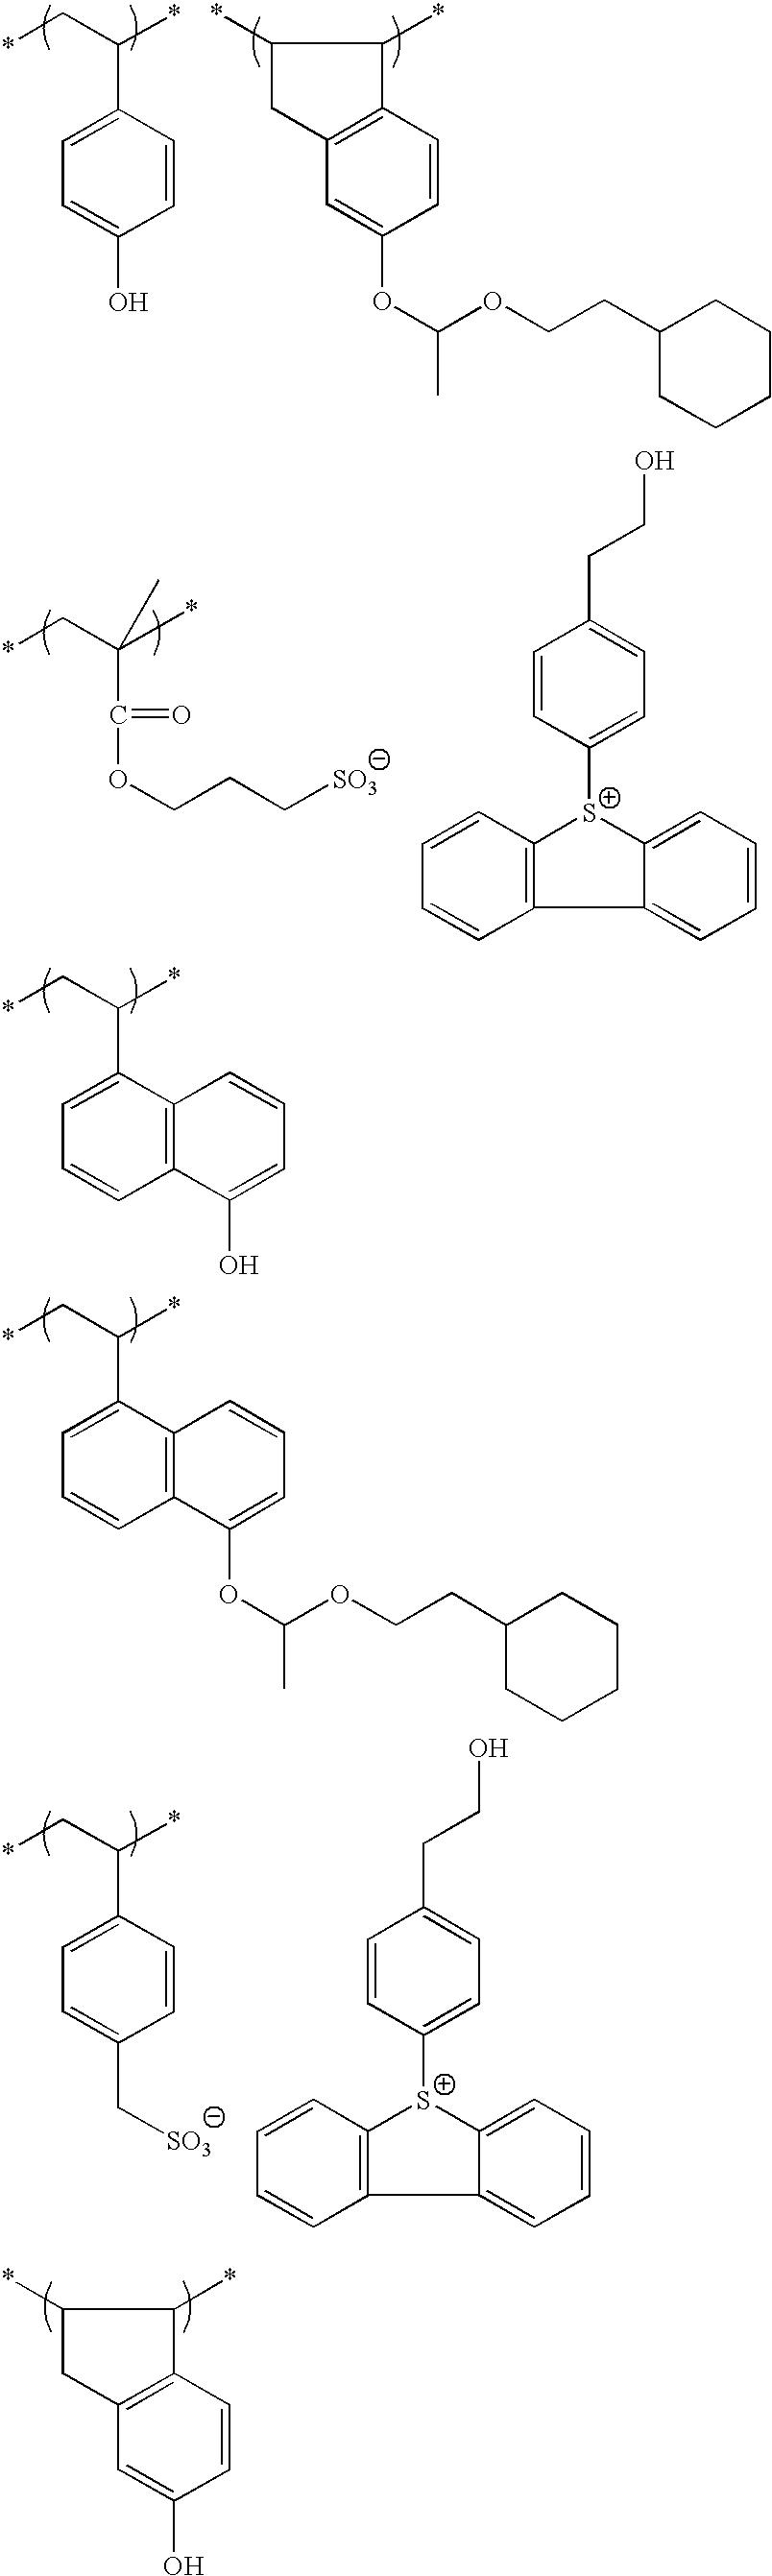 Figure US20100183975A1-20100722-C00188